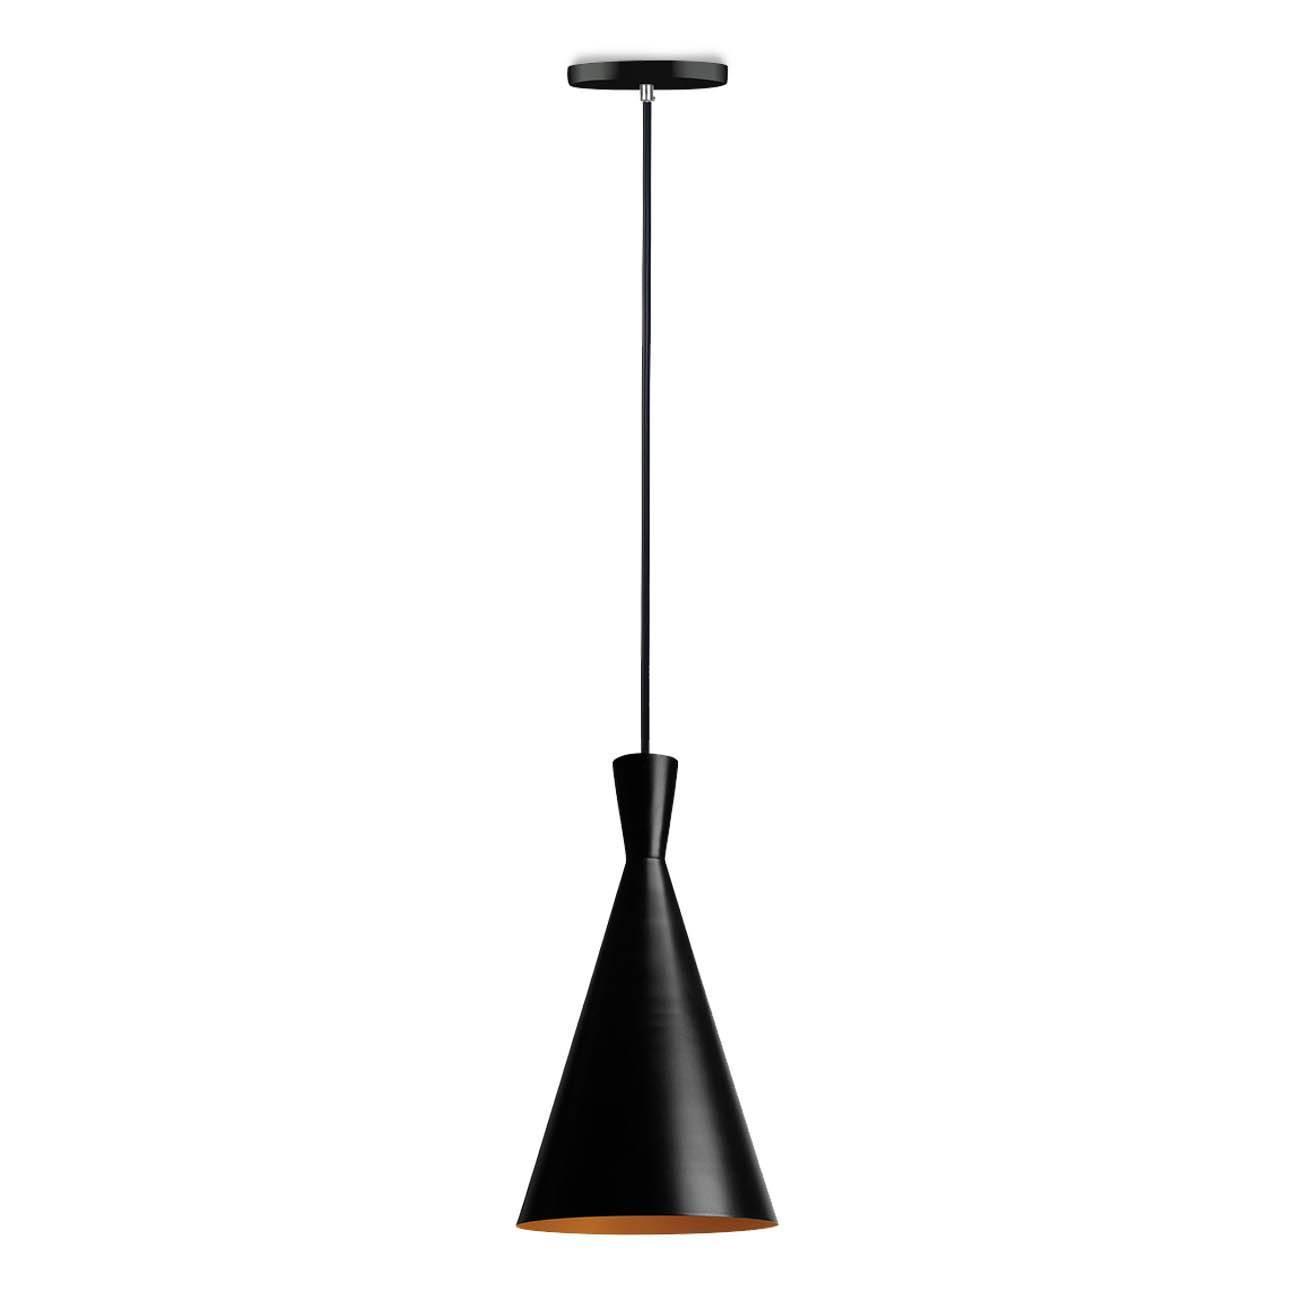 Kit 3 Pendentes Luminária Tom Dixon Preto E Cobre Alumínio - LCGELETRO